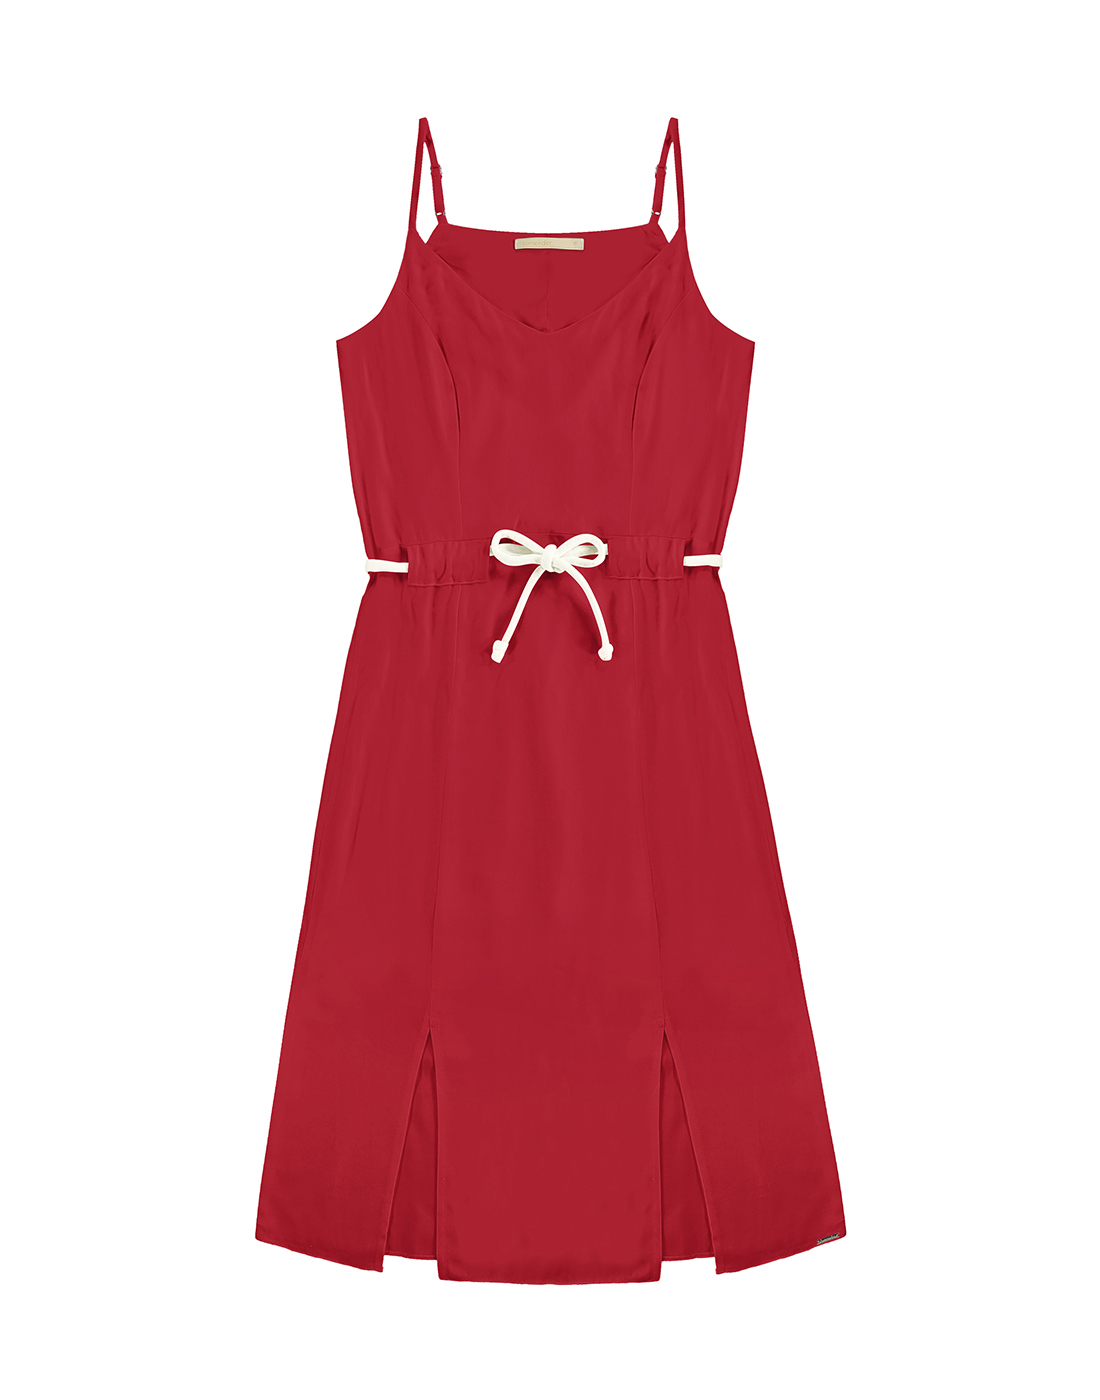 Vestido em Tecido Rayon Vermelho Nobre - Lunender